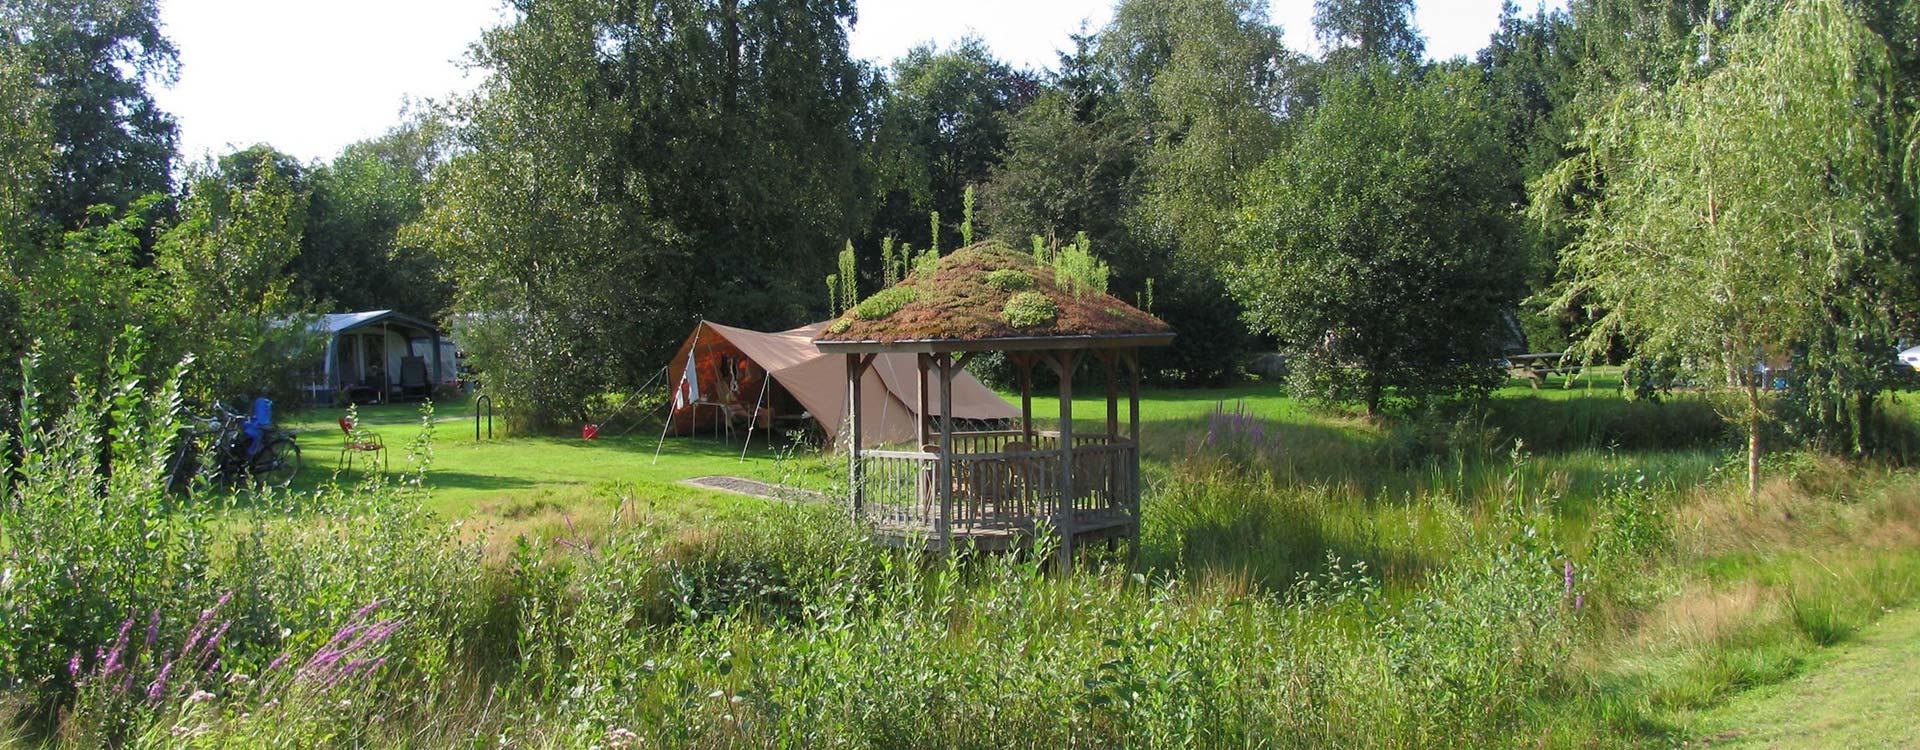 camping-meistershof-onthaasten-op-onze-camping